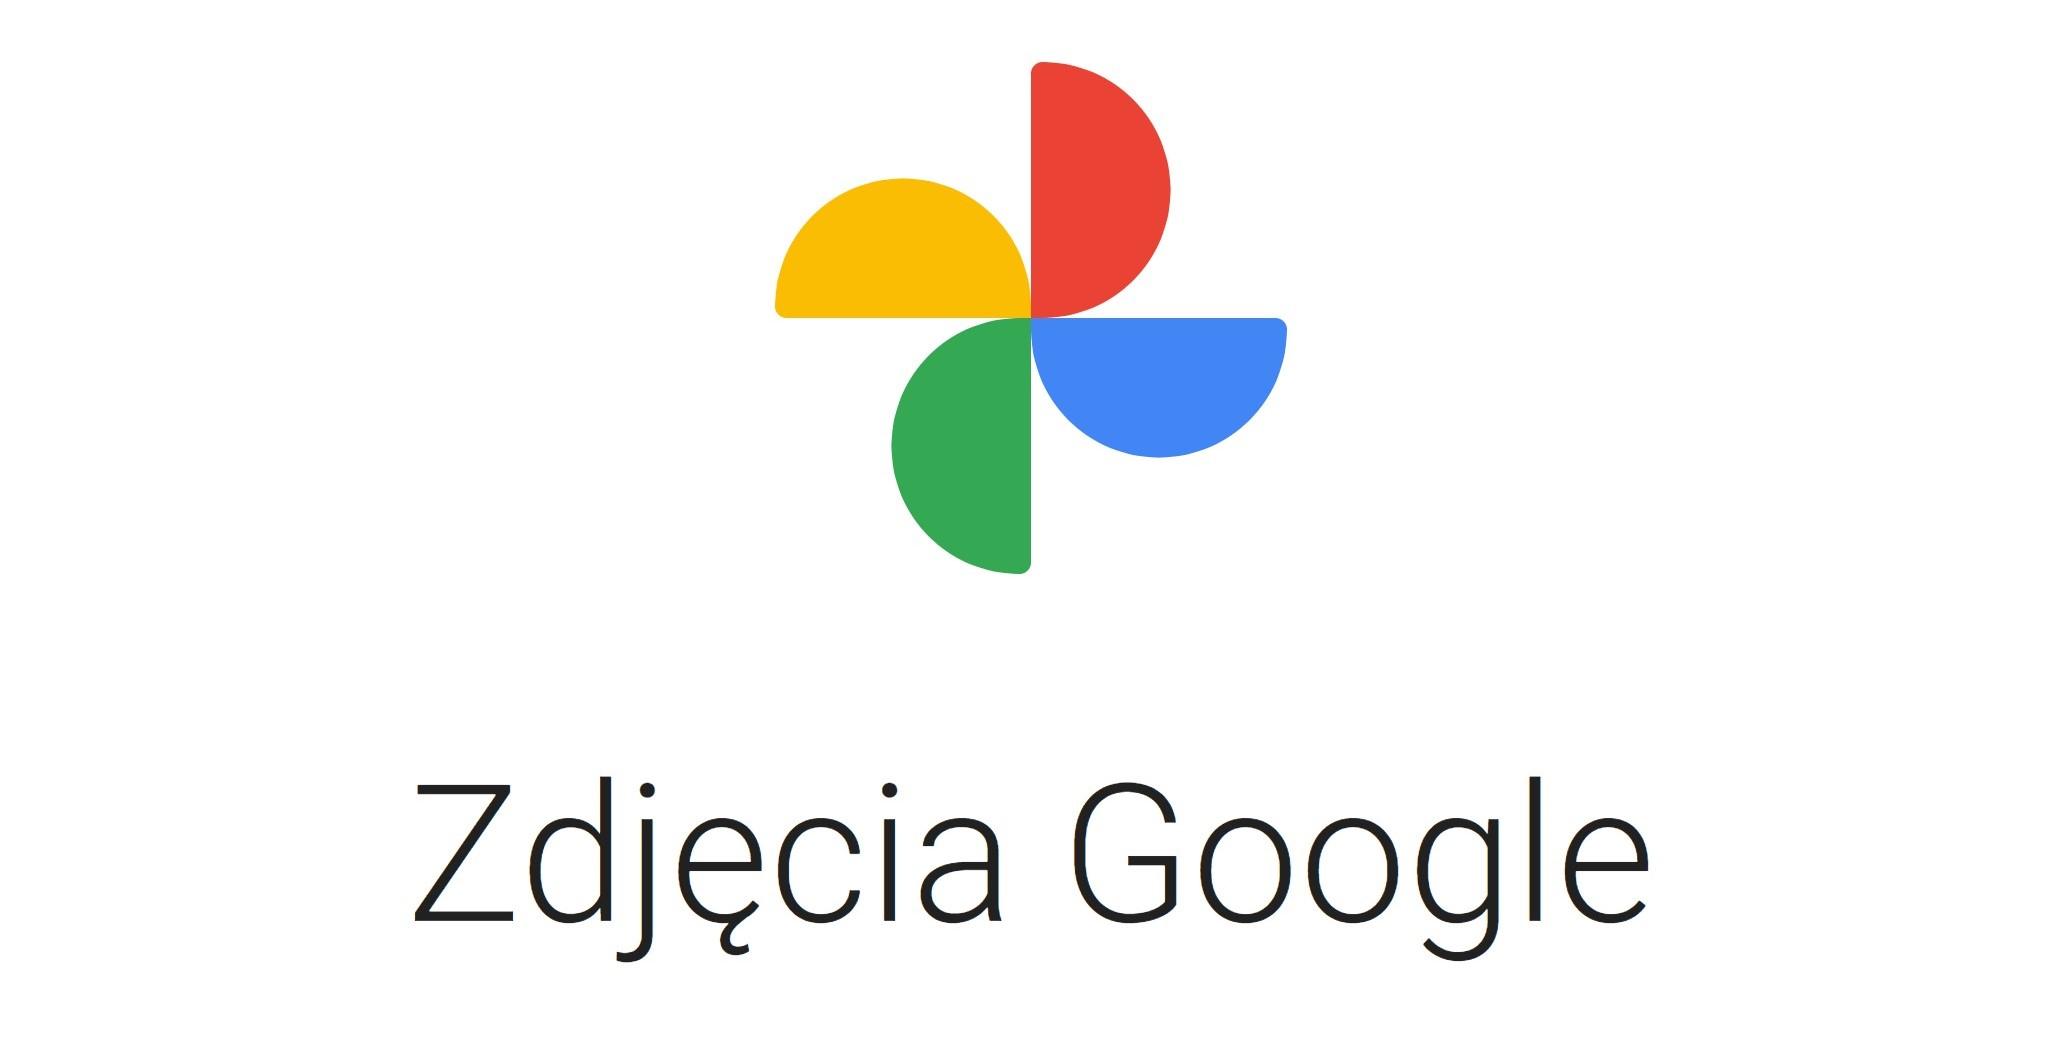 Zdjęcia Google nie będą już tworzyć kopii zapasowych z WhatsAppa i innych komunikatorów 16